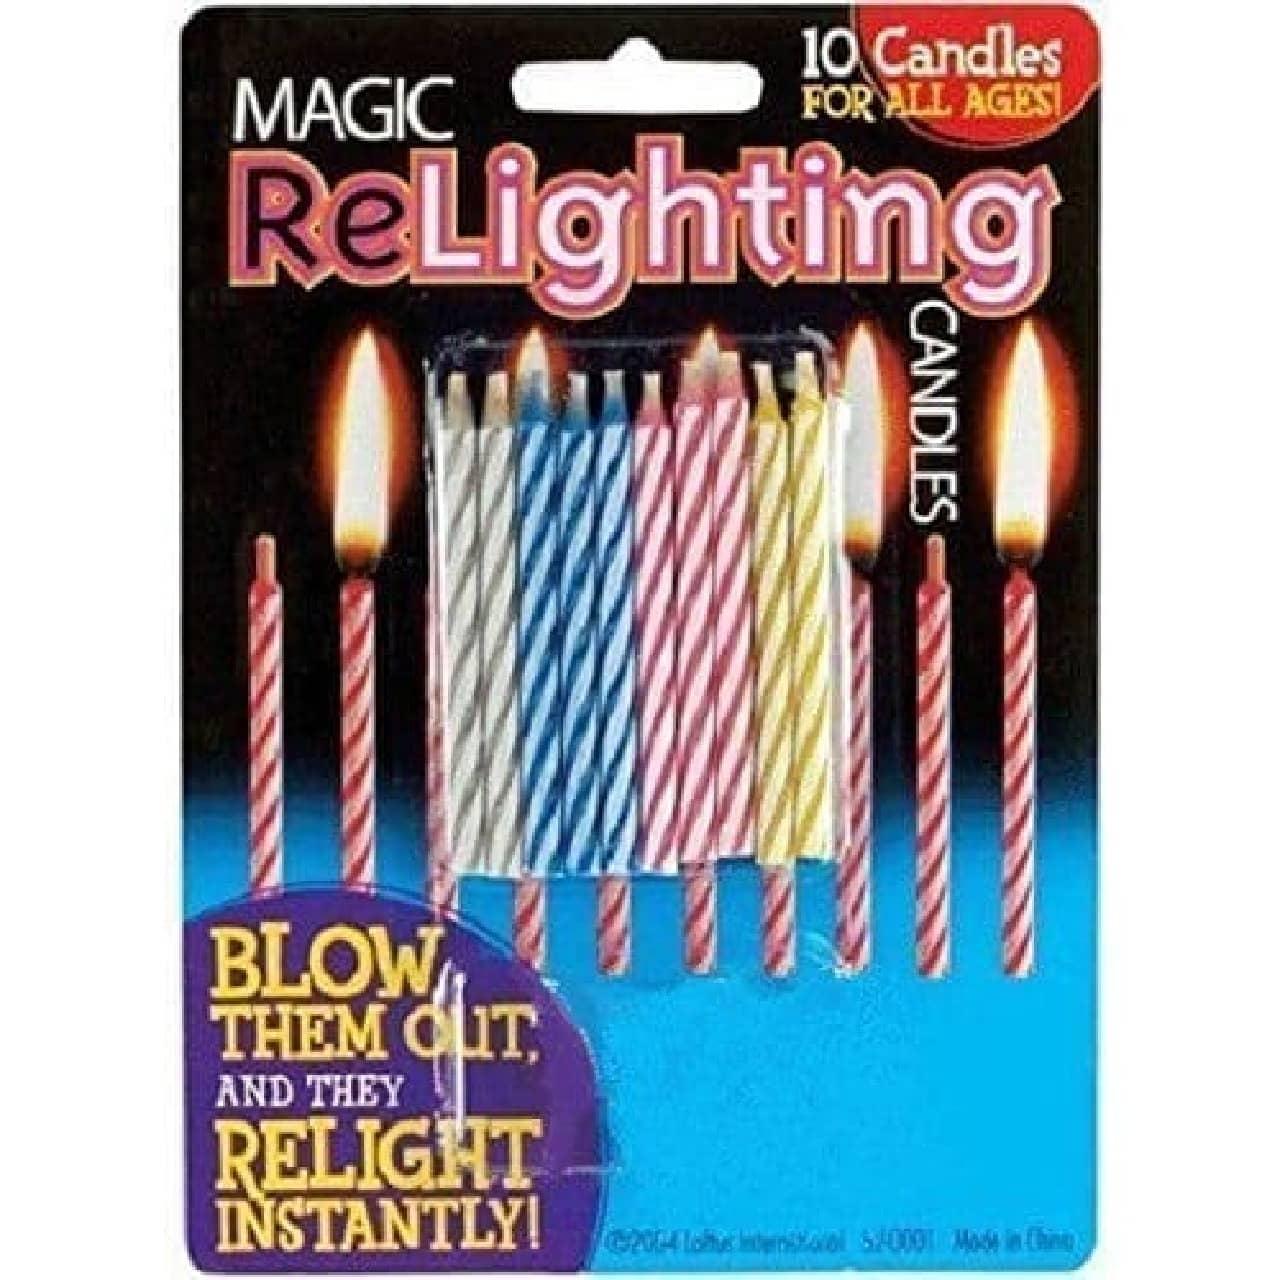 何度吹き消しても、すぐに火が付くロウソク「Magic Relighting Birthday Candles」